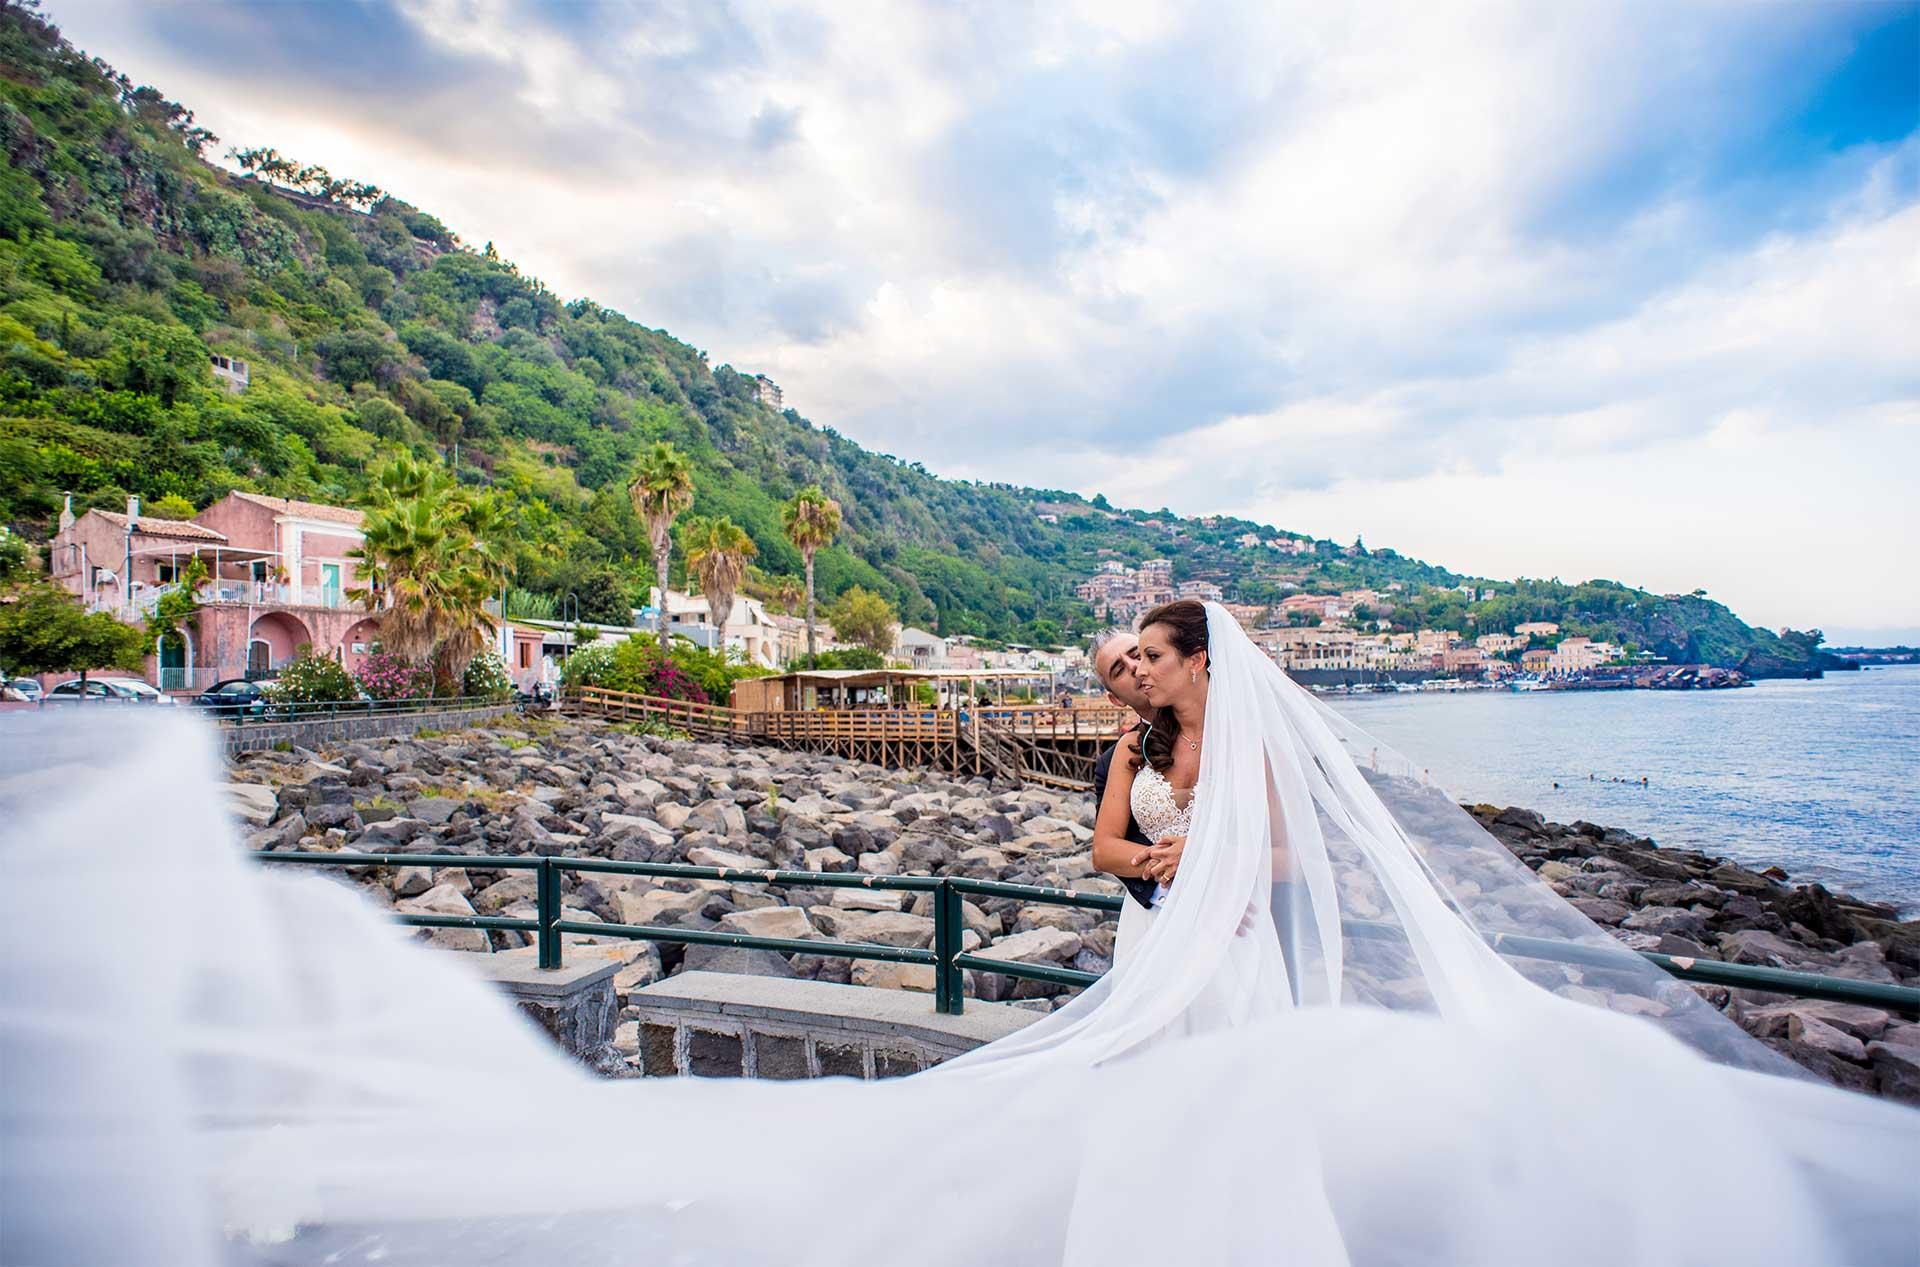 fotografie di matrimonio taormina